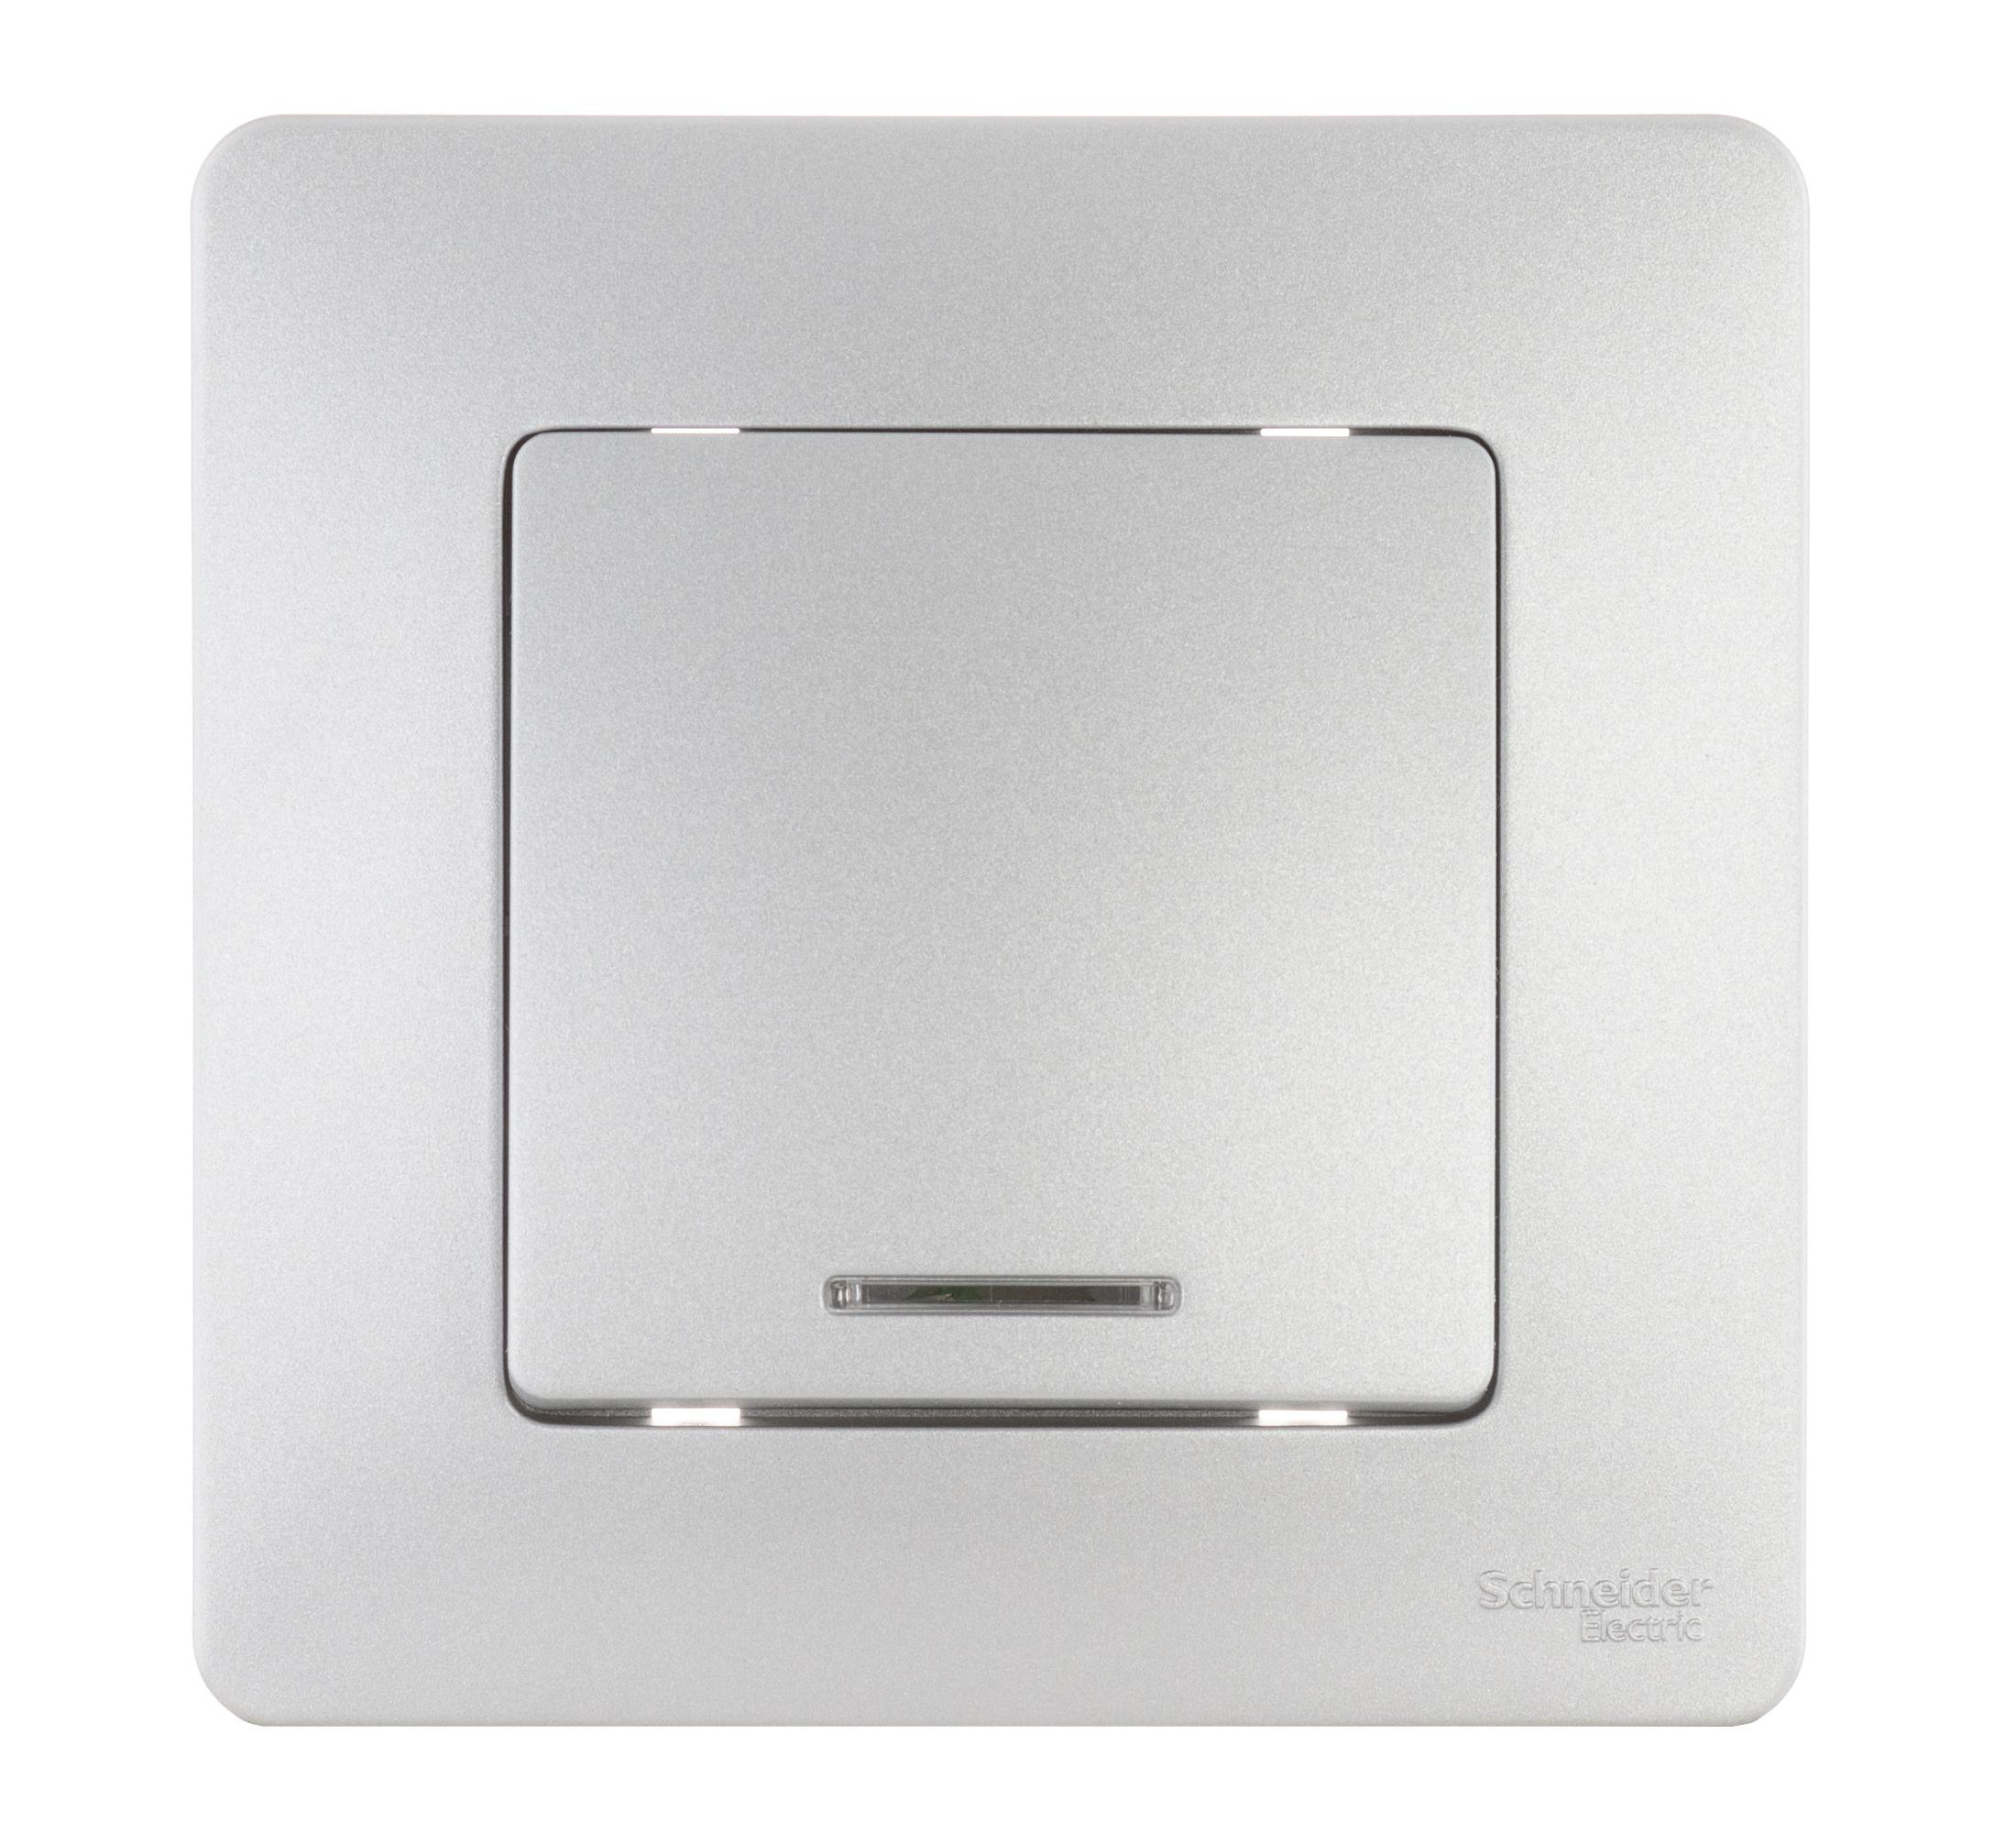 Выключатель Schneider electric Blnvs010113 blanca выключатель schneider electric blnva105014 blanca